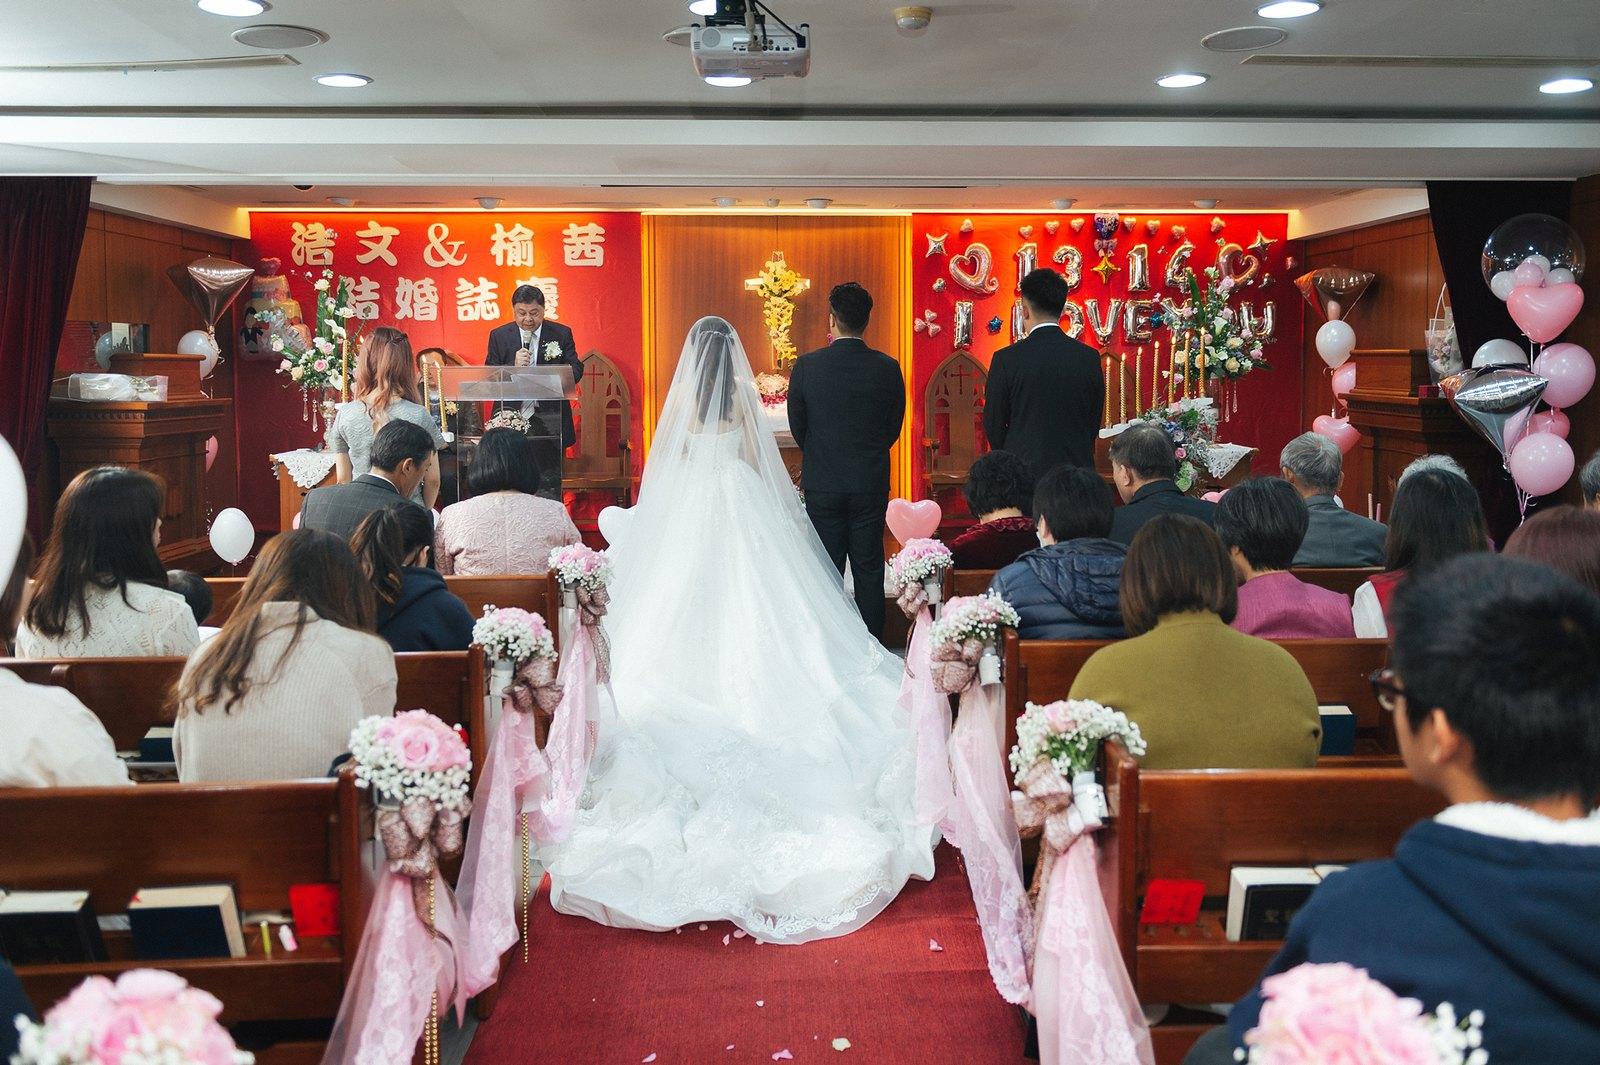 【婚攝】Jack & Emma / 臺灣基督長老教會-厚德教會